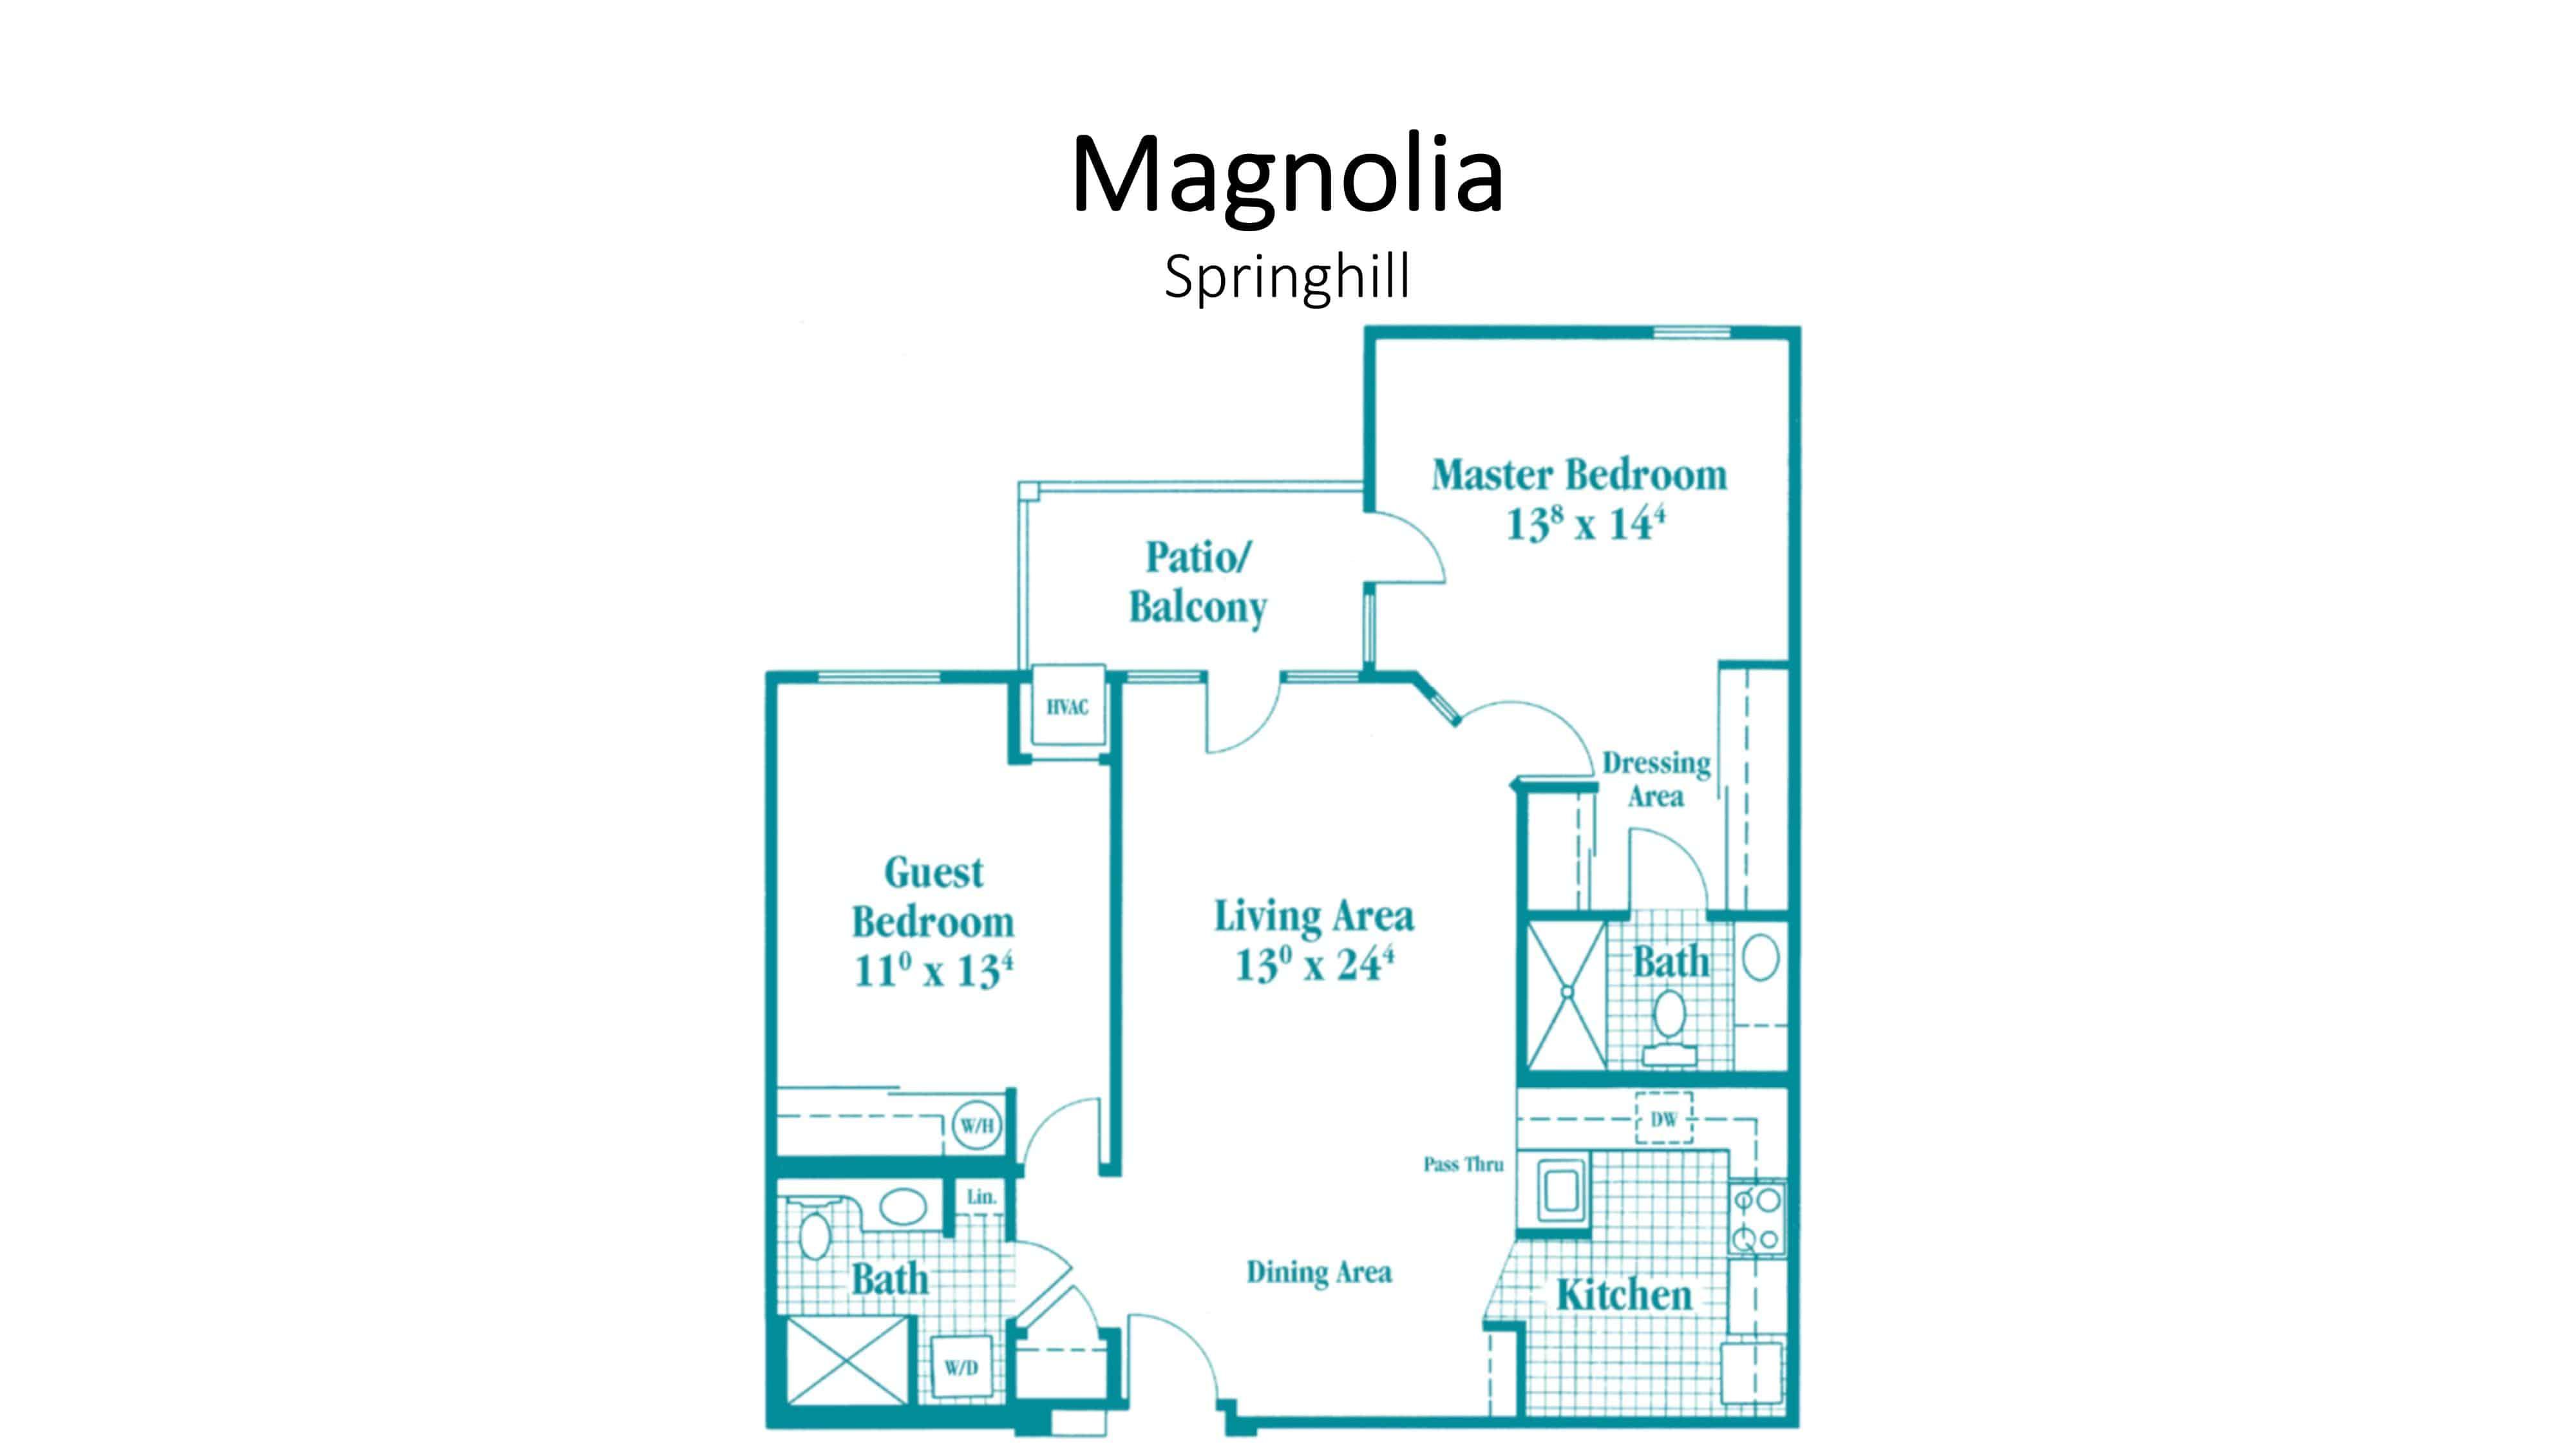 SH_Magnolia